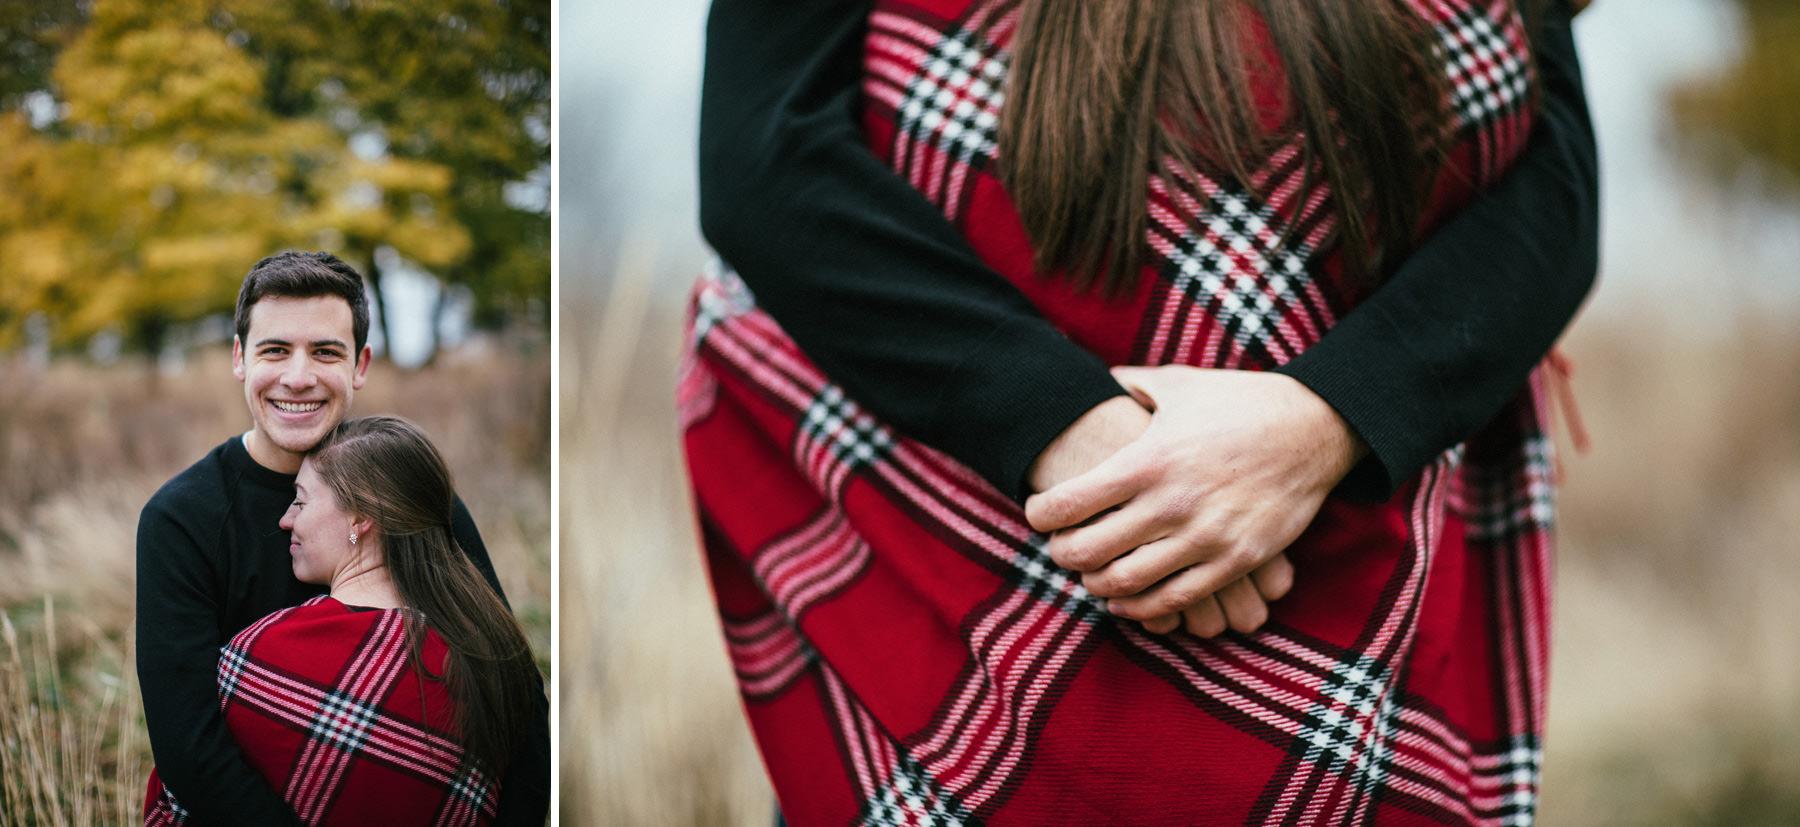 Chicago Engagement Session_Montrose Park_Kindling Wedding PhotographyBLOG16.JPG